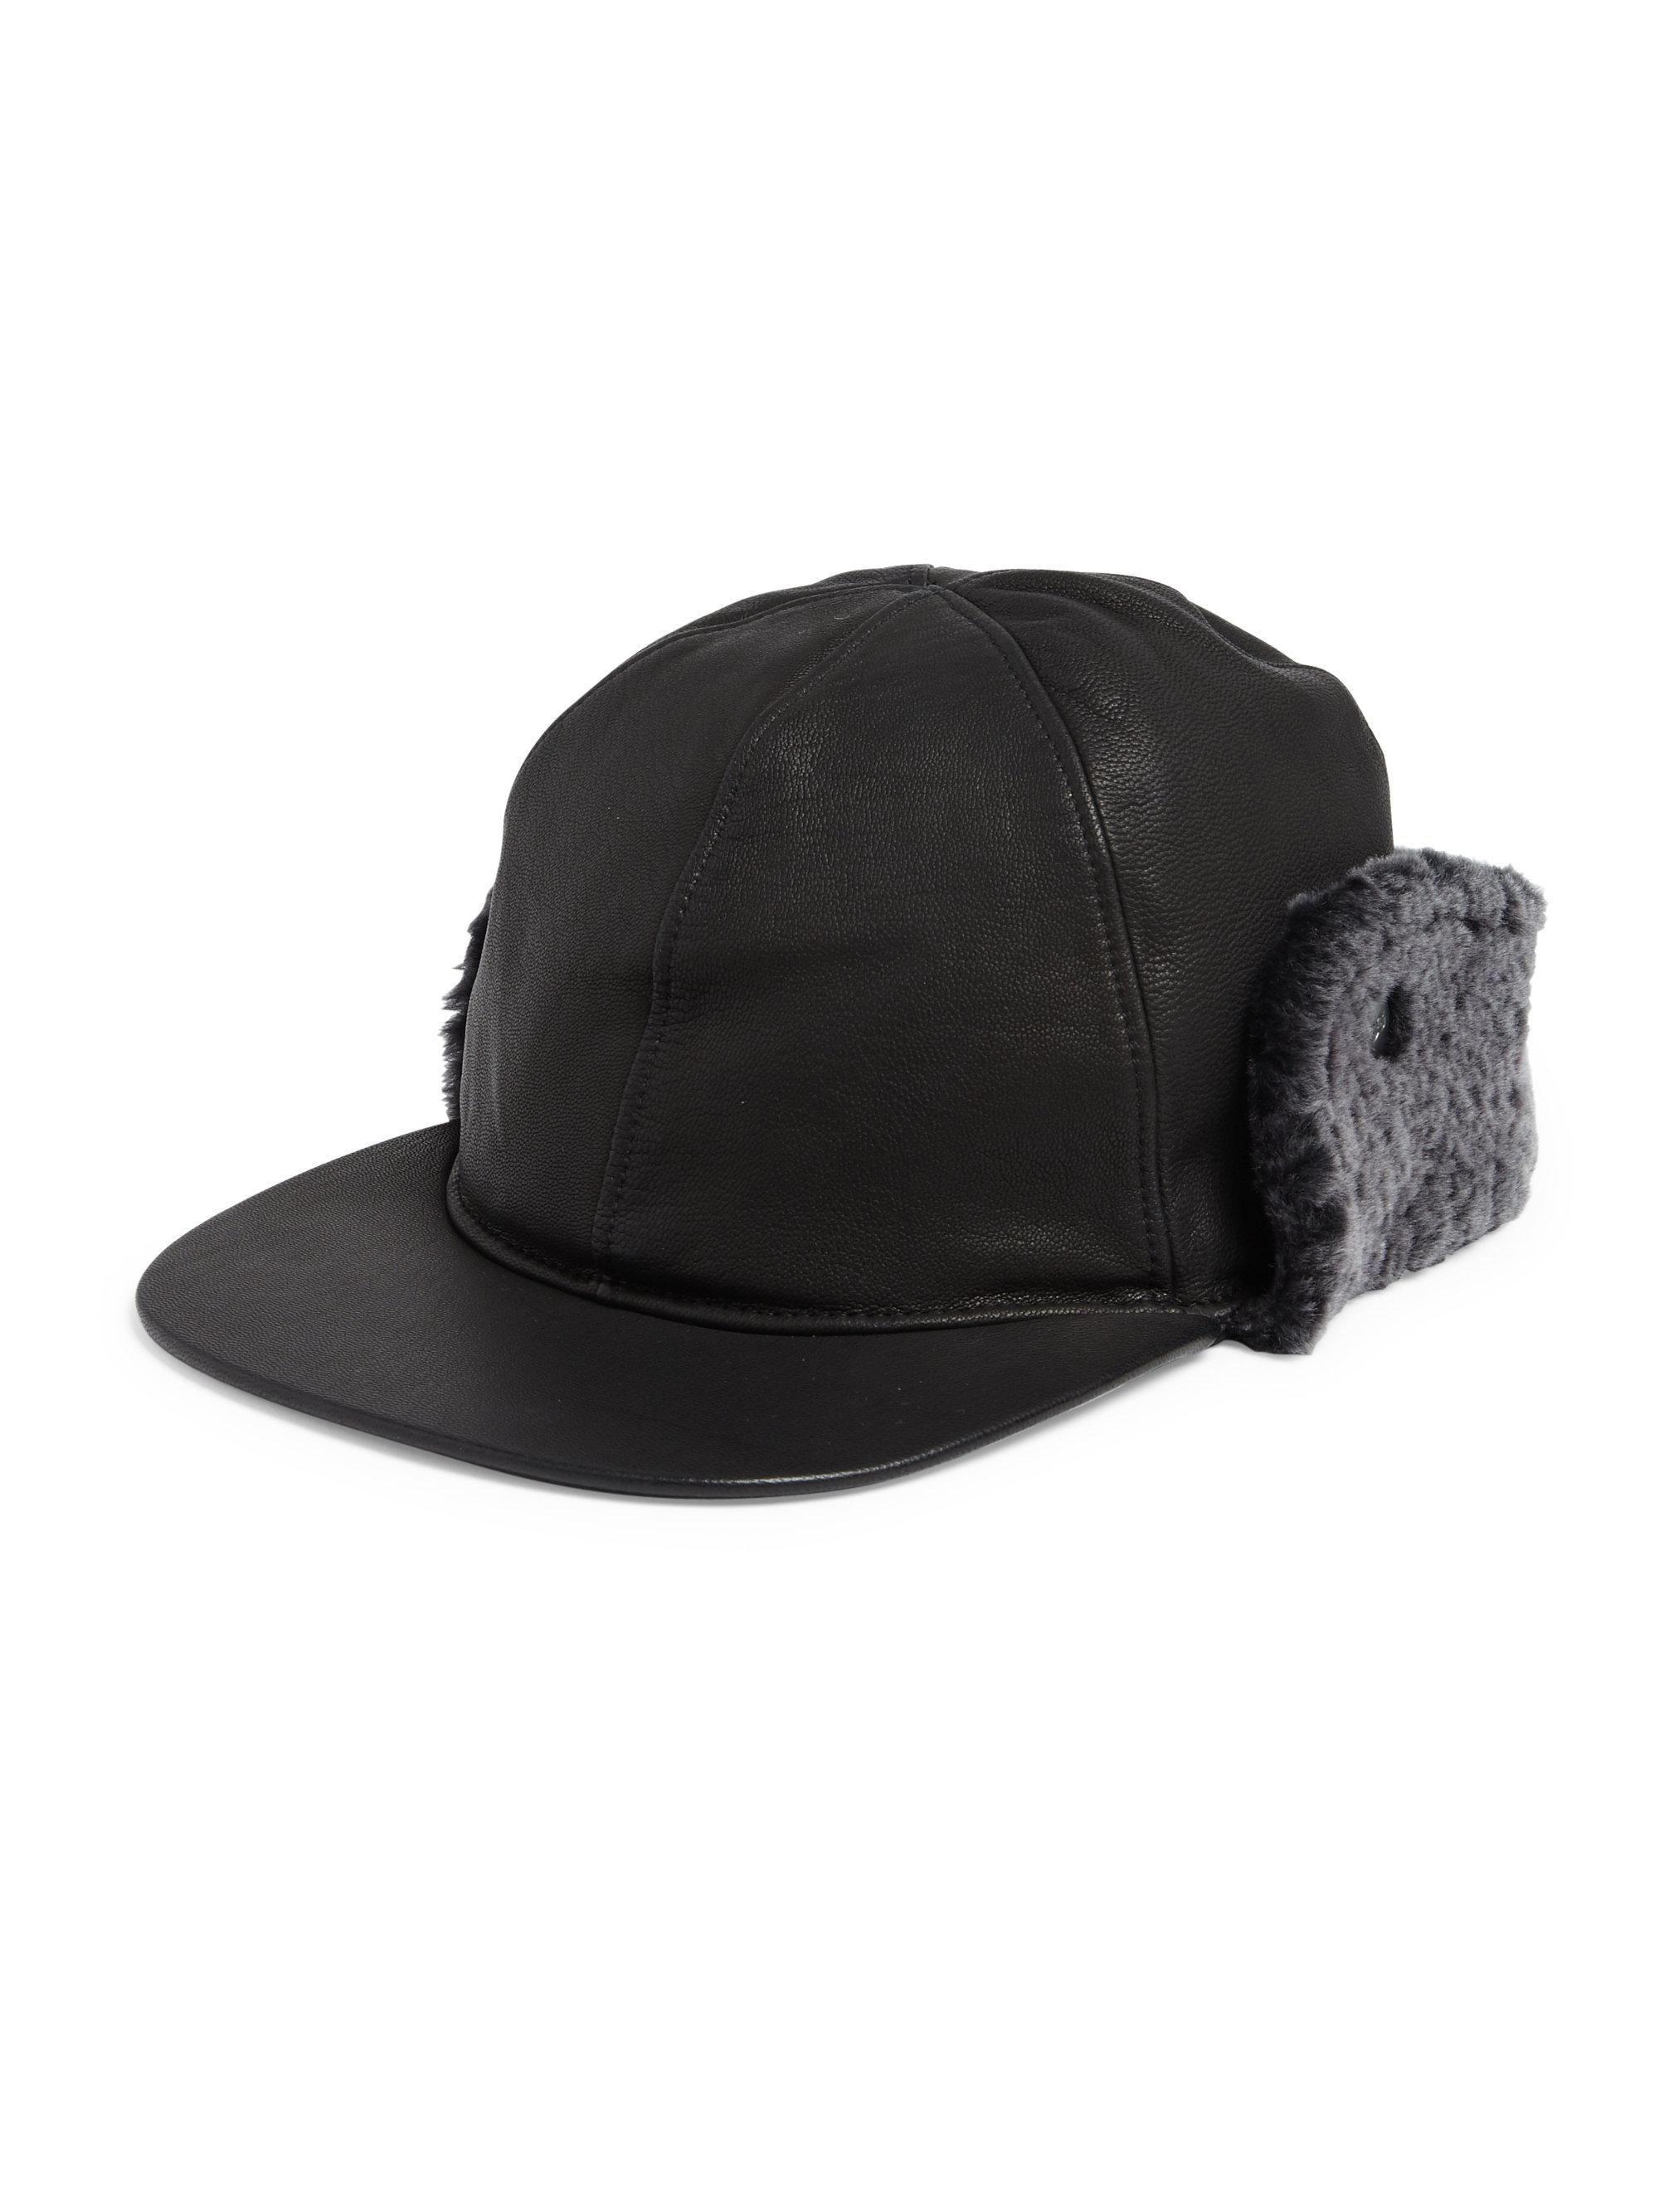 Ugg Sheepskin Shearling Fur Trimmed Leather Baseball Hat in Black ... d6ee75f6e164